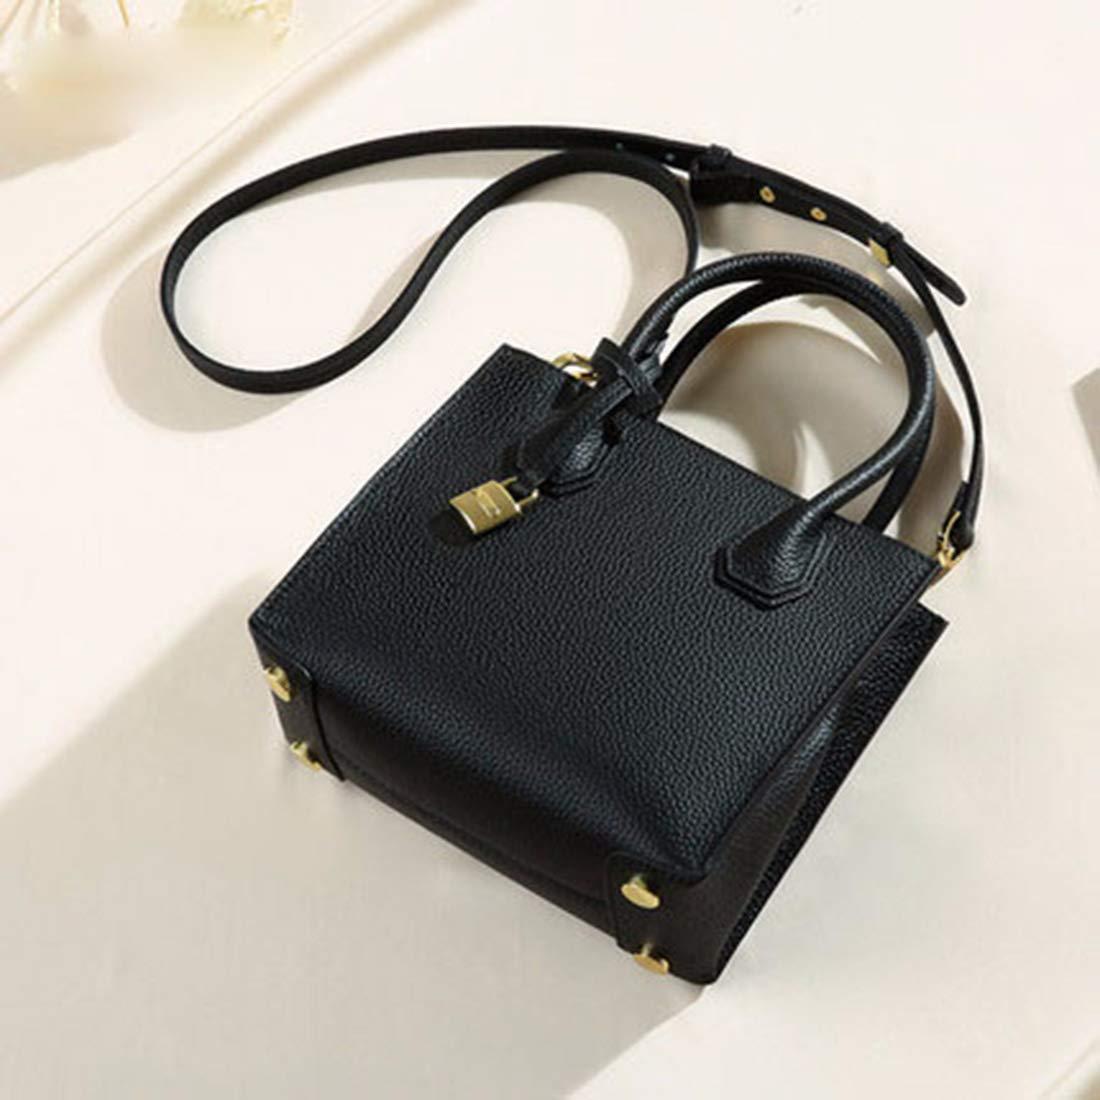 KERVINZHANG Echtes Leder Frauen Top Top Top Griff Satchel Handtaschen Schultertasche Tote Handtasche Cross Body Bag (Farbe   schwarz) B07MXDMW1K Clutches Modern 520e03